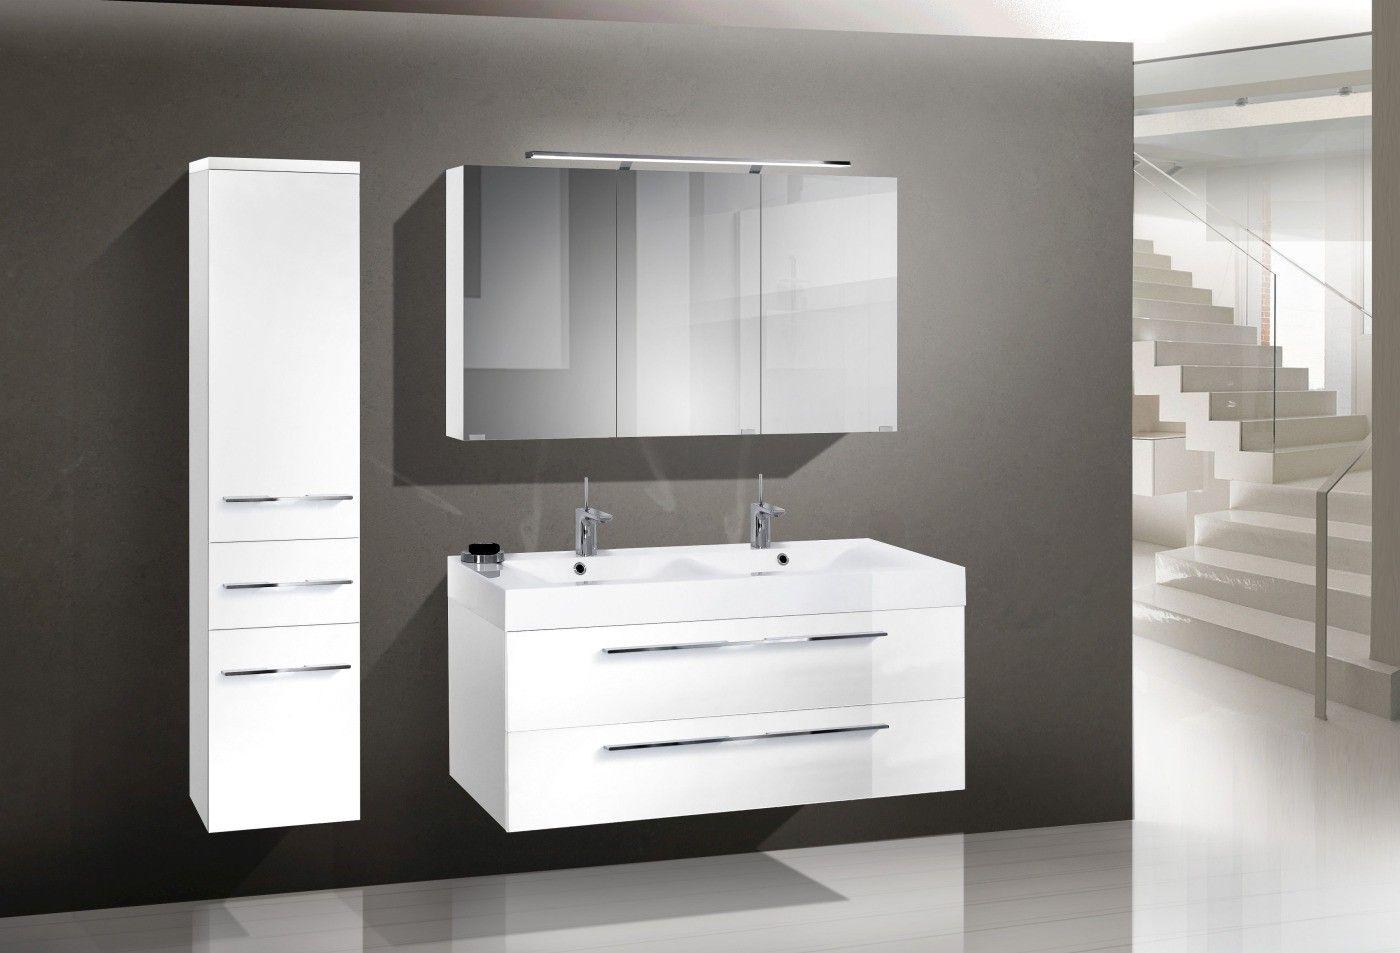 design badm bel set 120 cm doppelwaschtisch led aufbauleuchte aufbauleuchte und hochglanz lack. Black Bedroom Furniture Sets. Home Design Ideas